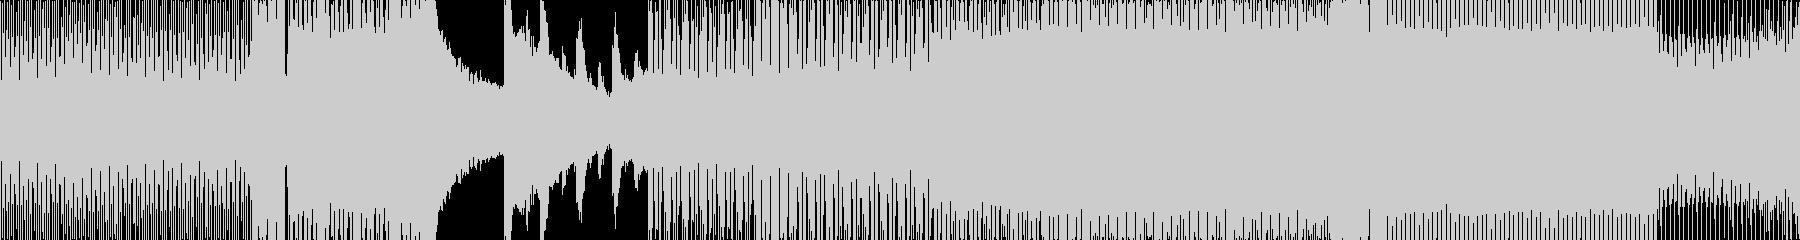 レーザー音多用のEDMの未再生の波形